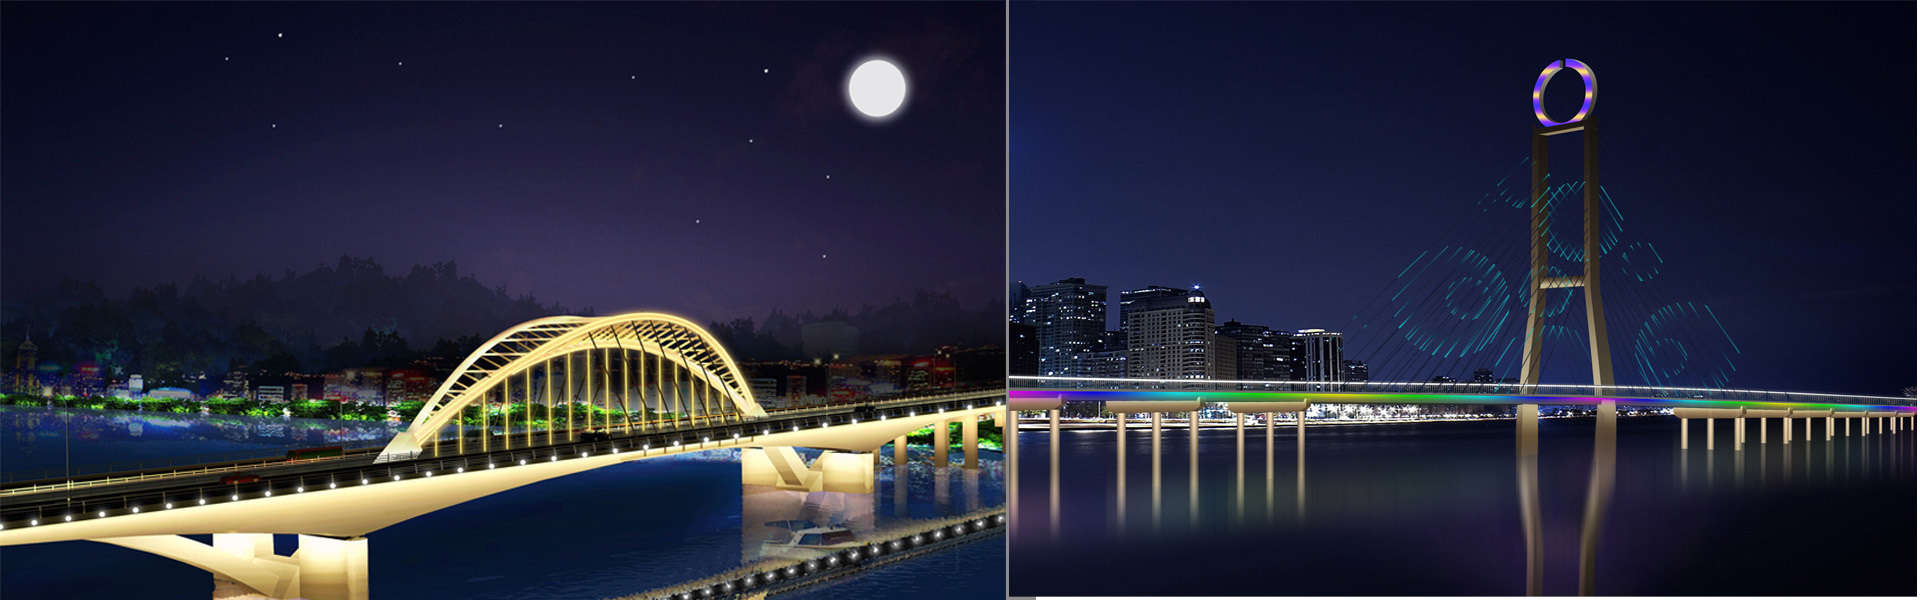 西安桥梁亮化工程  西安桥梁亮化工程照明  西安桥梁亮化工程设计 西安亮化工程设计公司  西安桥梁亮化工程夜景   西安桥梁亮化工程效果图  西安桥梁亮化工程灯